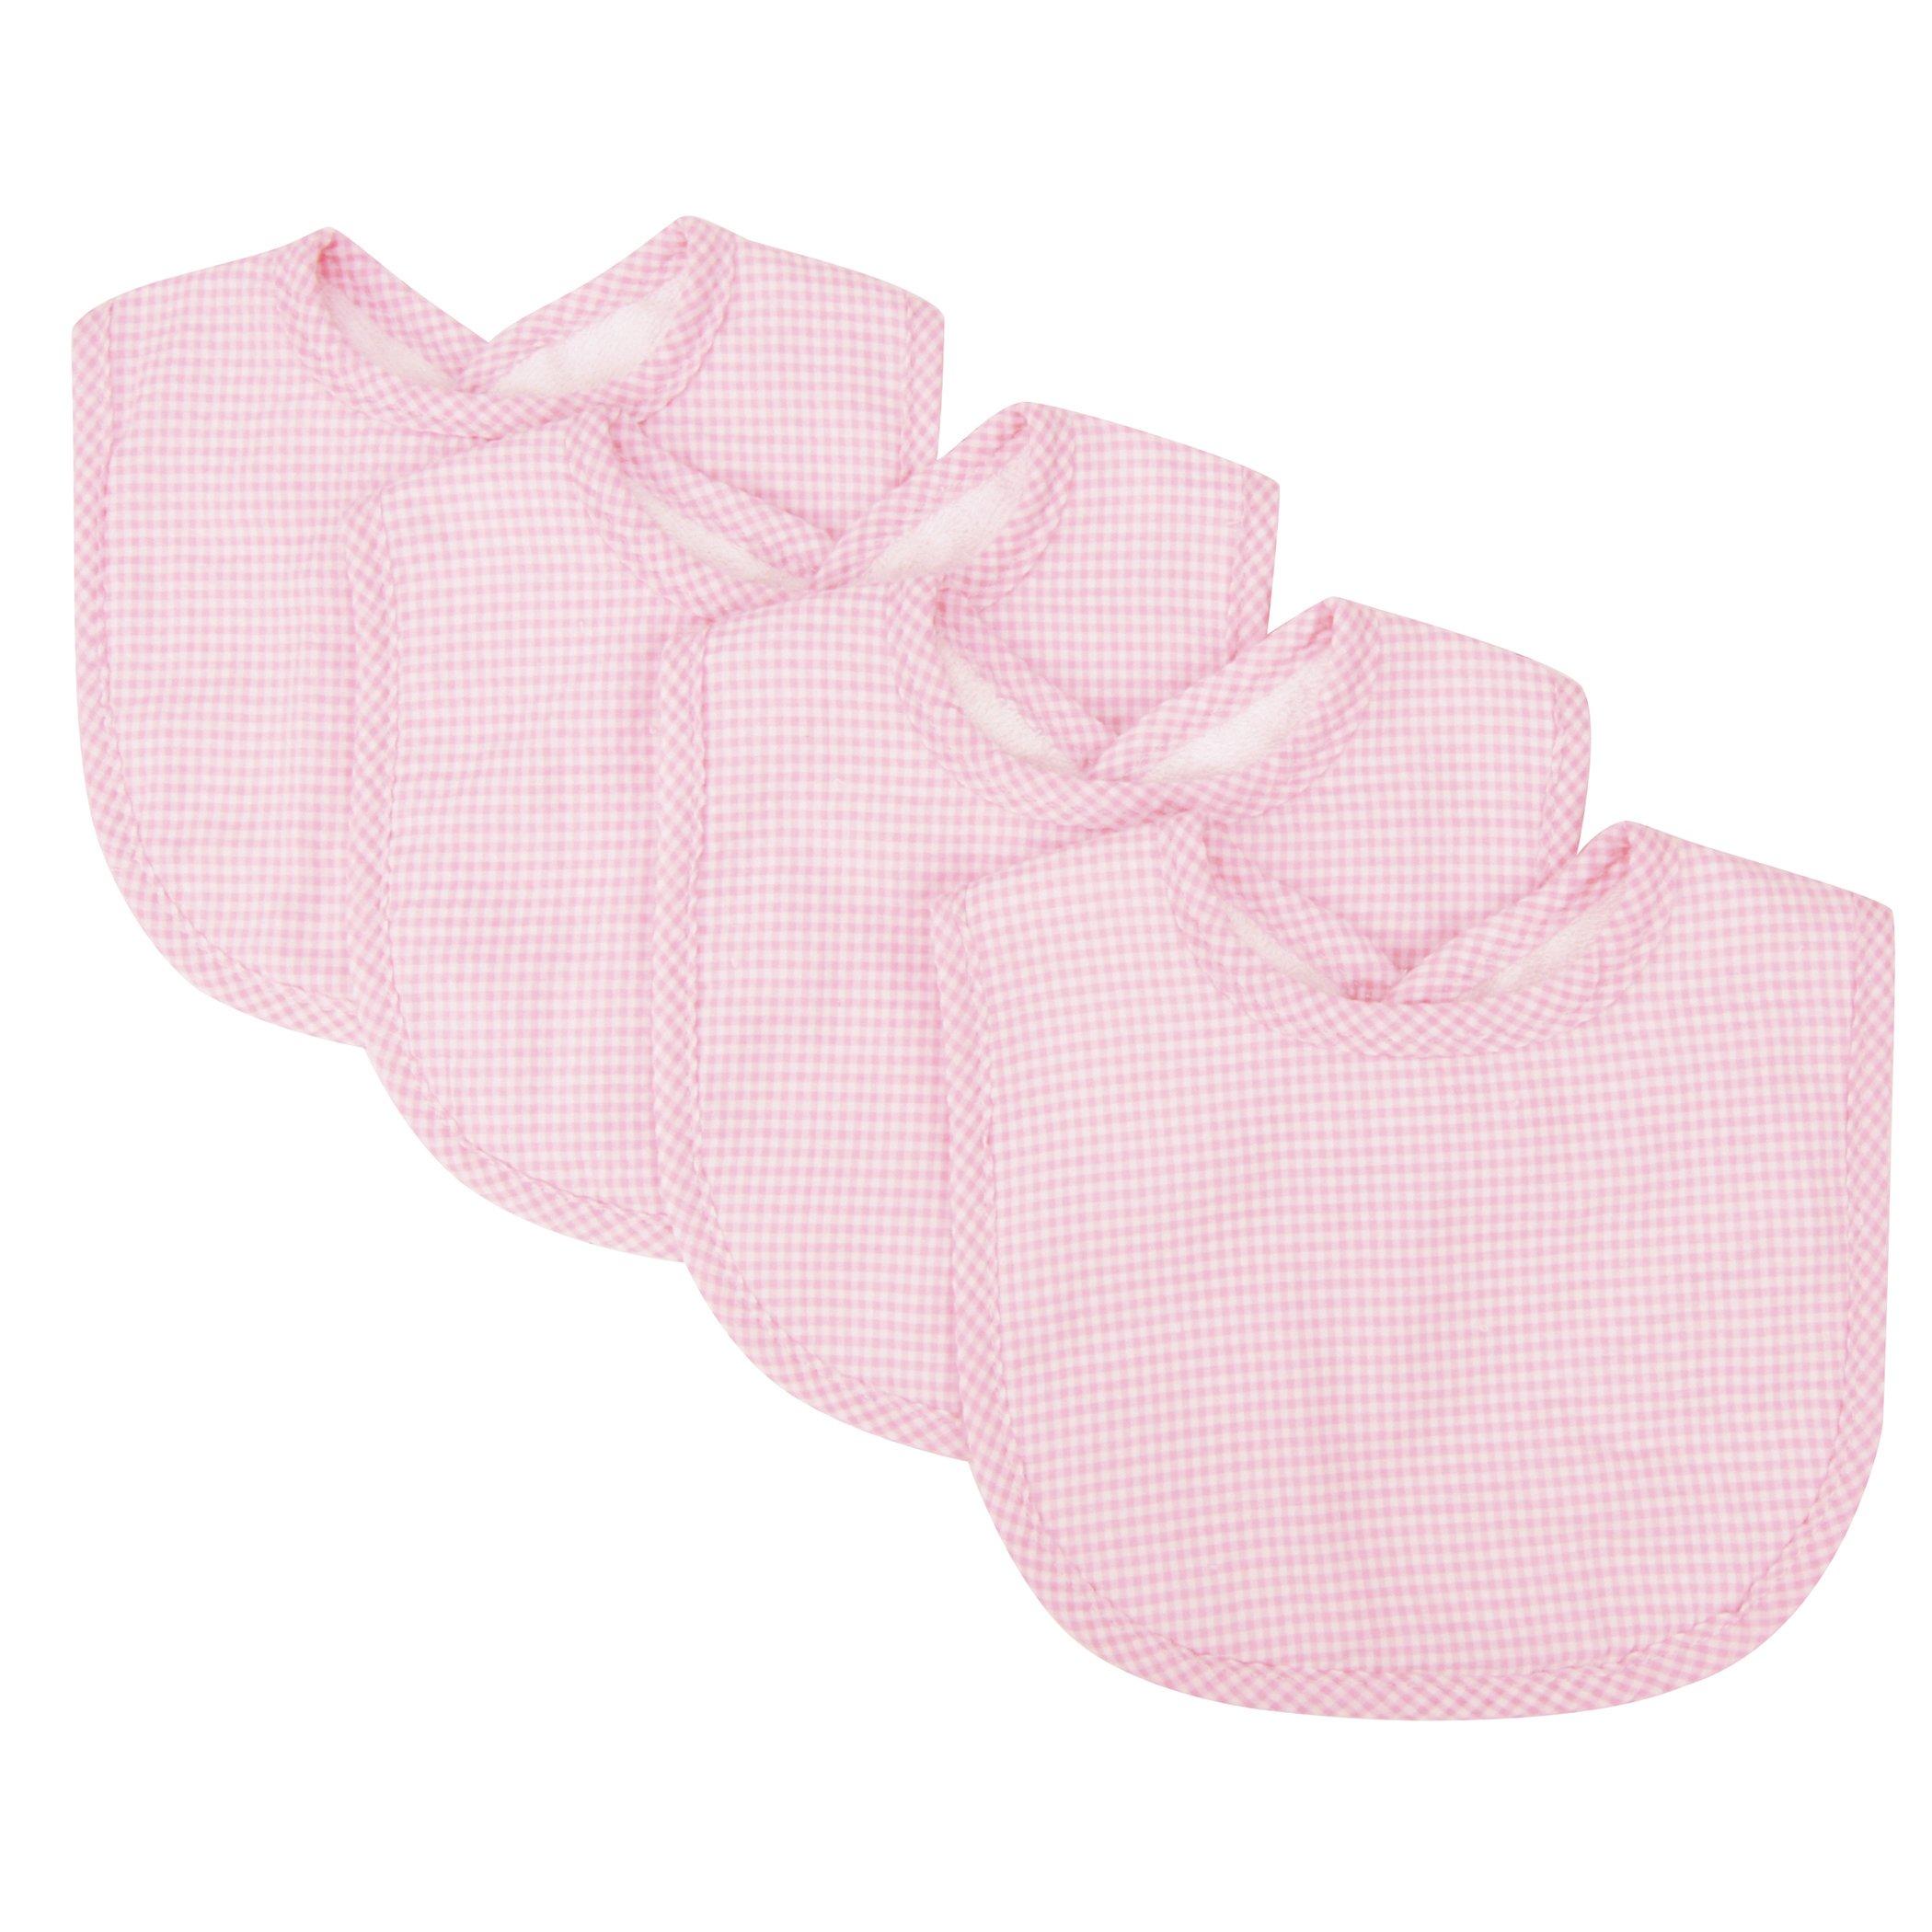 Trend Lab Trend Lab Pink Gingham Seersucker Bib Set, Pink, 4 Count by Trend Lab